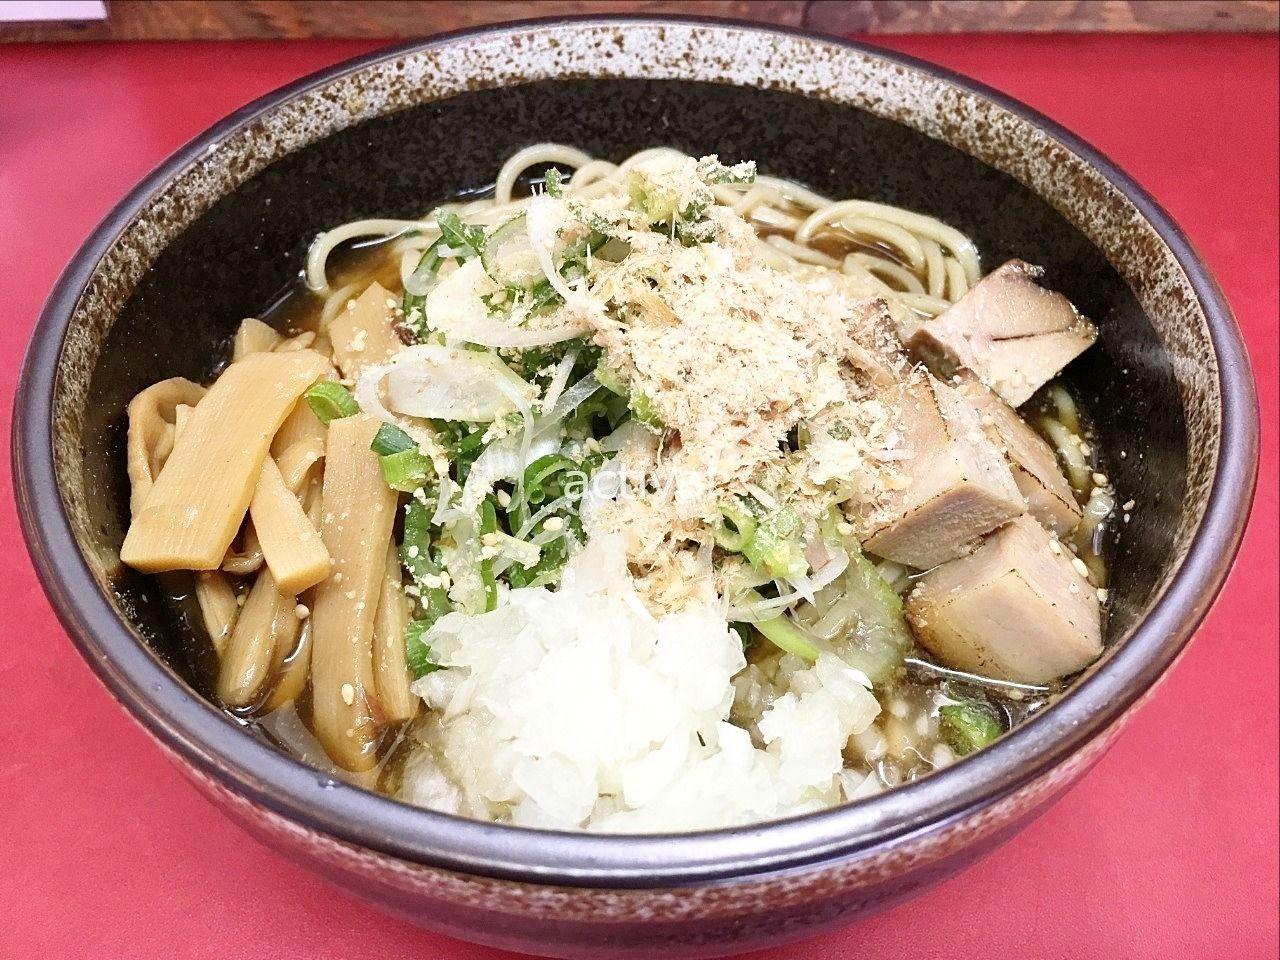 暑い夏でもおいしい「自家製麺 義匠 森田製麺所」の「冷製出汁らぁ麺」